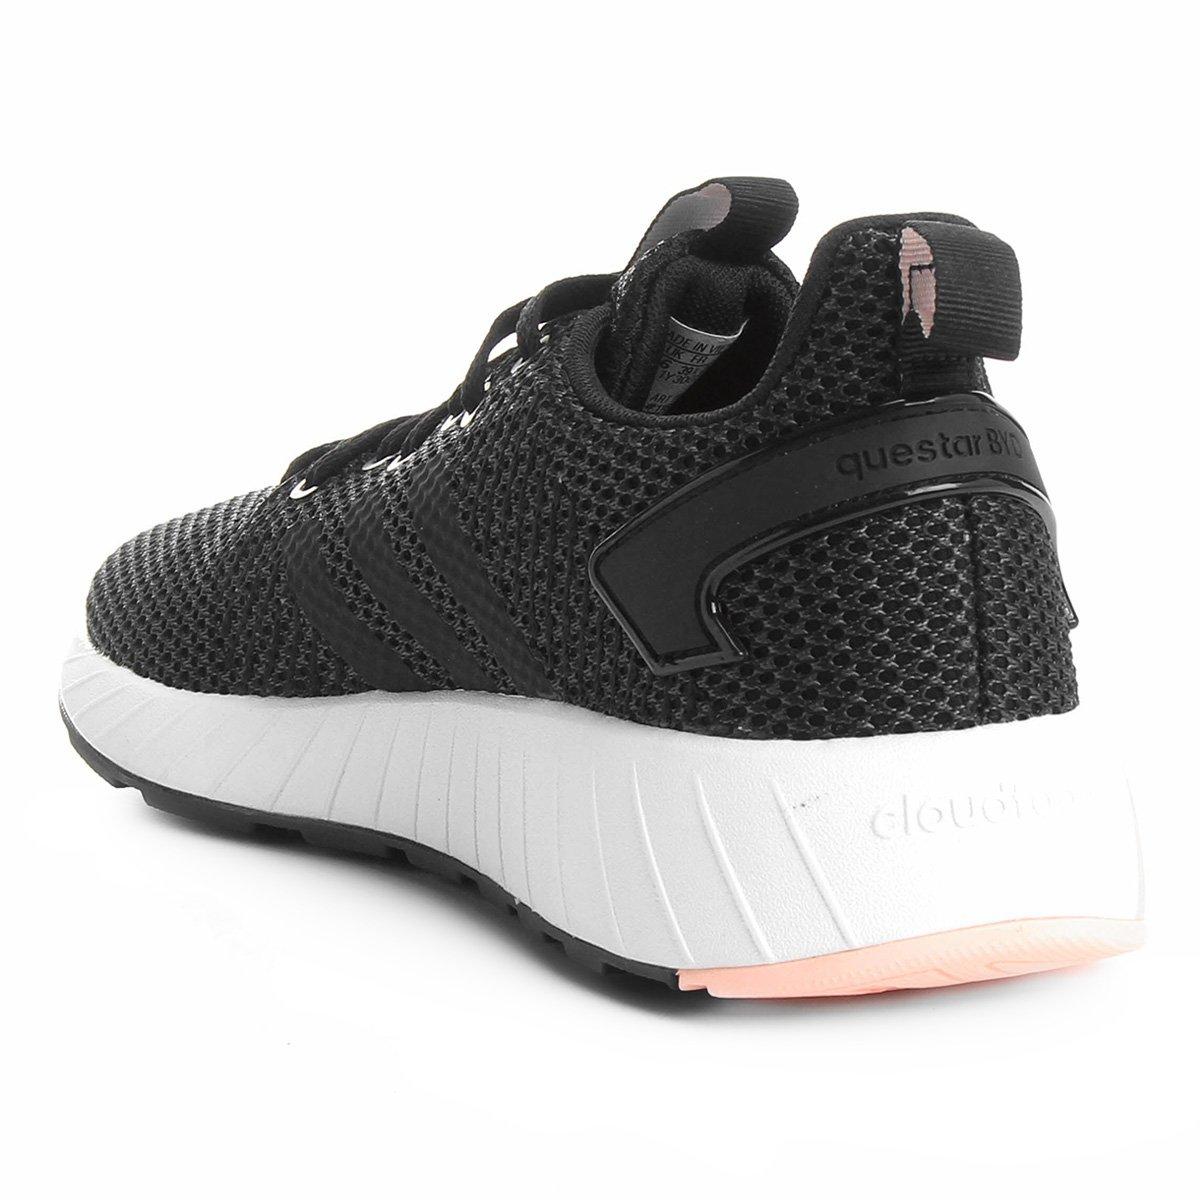 4923868c2e Tênis Adidas Response Drive Byd Feminino - Compre Agora